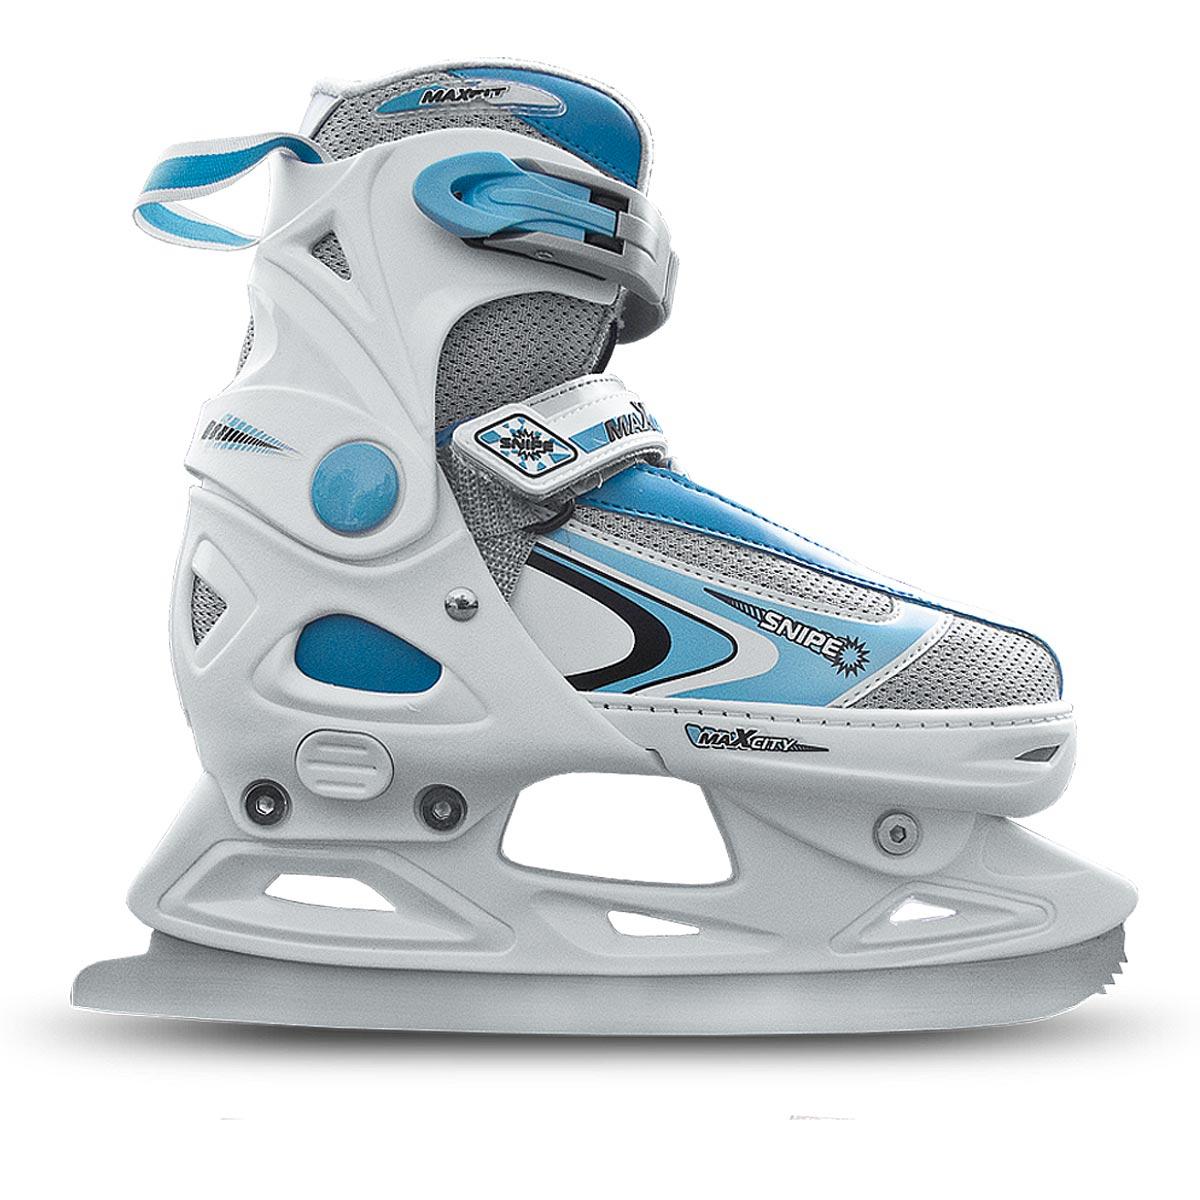 Коньки ледовые женские MaxCity Snipe Girl, раздвижные, цвет: белый, голубой. Размер 37/40SF 010Оригинальные раздвижные ледовые коньки MaxCity с ударопрочной защитной конструкцией отлично подойдут для начинающих. Ботинки изготовлены из морозостойкого пластика, который защитит ноги от ударов, и дополнены нейлоном. Внутренний материал из вельвета и капровелюра отлично согревает и обеспечивает комфорт во время движения. Нейлоновые вставки на язычке предотвращают перегревание и отводят влагу. Высокий ботинок обеспечивает отличную поддержку ноги. Модель застегивается несколькими способами для надежной фиксации ноги - классическая шнуровка, липучка Velcro и пластиковые затягивающиеся ремешки. Стальное лезвие обеспечит превосходное скольжение. Основная особенность коньков - возможность изменения размера. Изменение длины ботинка осуществляется достаточно просто и занимает несколько секунд.